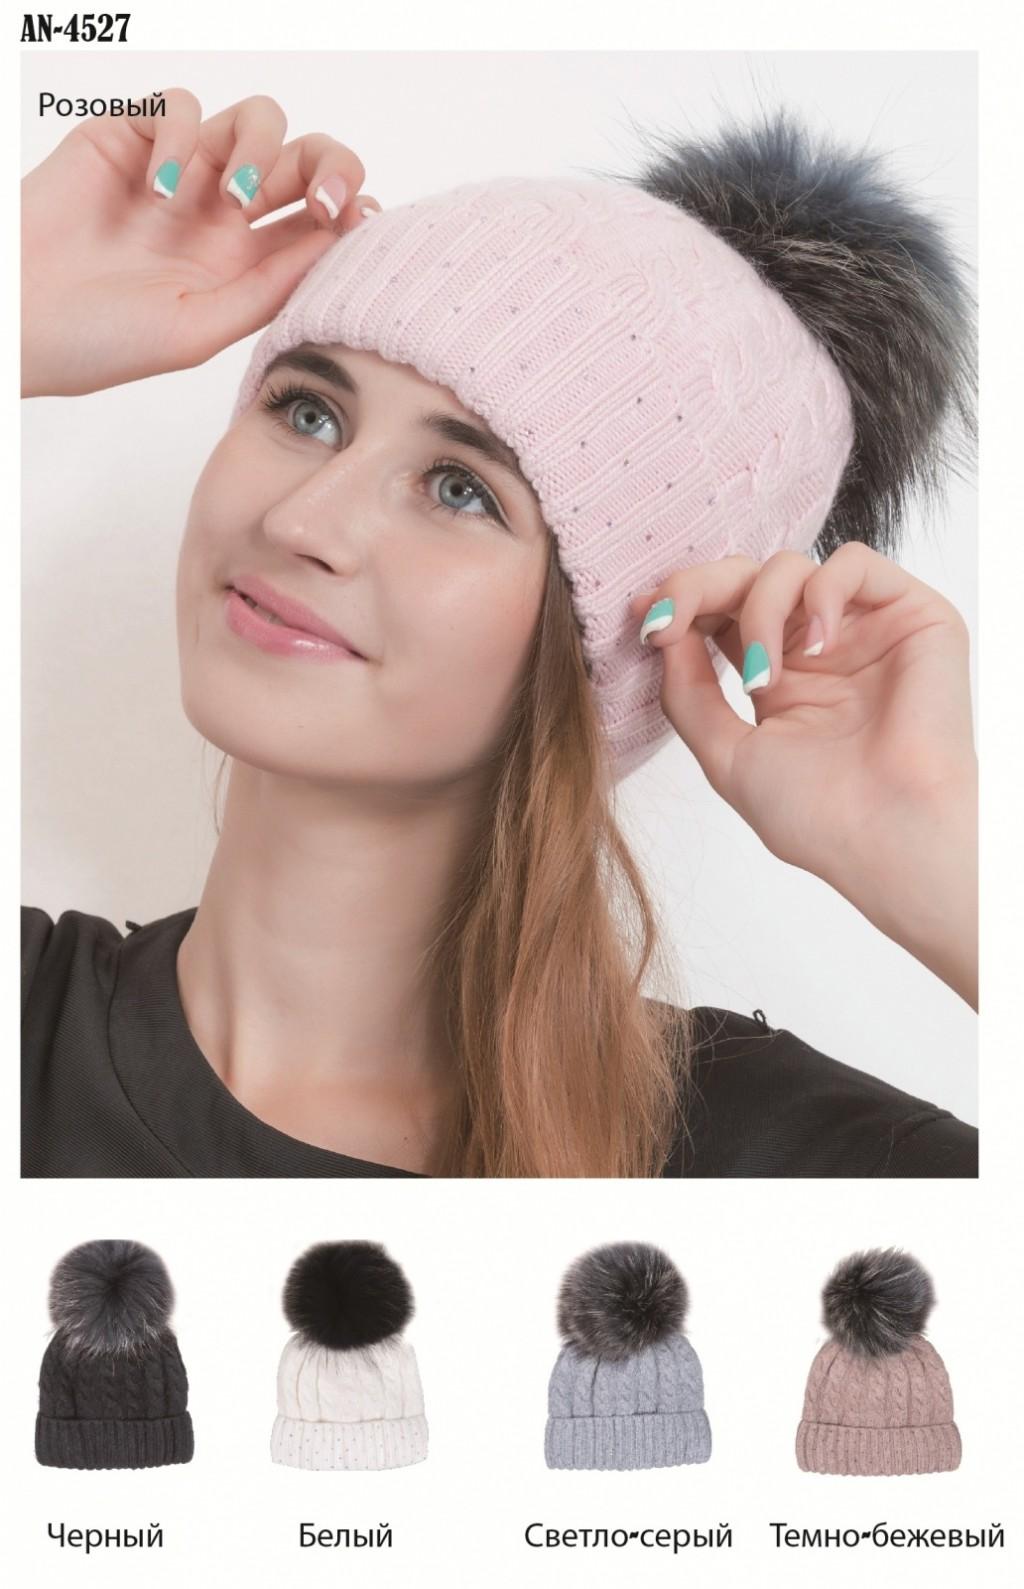 Сбор заказов. Сбор заказов. Мой Ан-г-е-л. Зимние шапочки. Молодежный и классический стиль. Когда важно, что на голове. Распродажа, от 200р